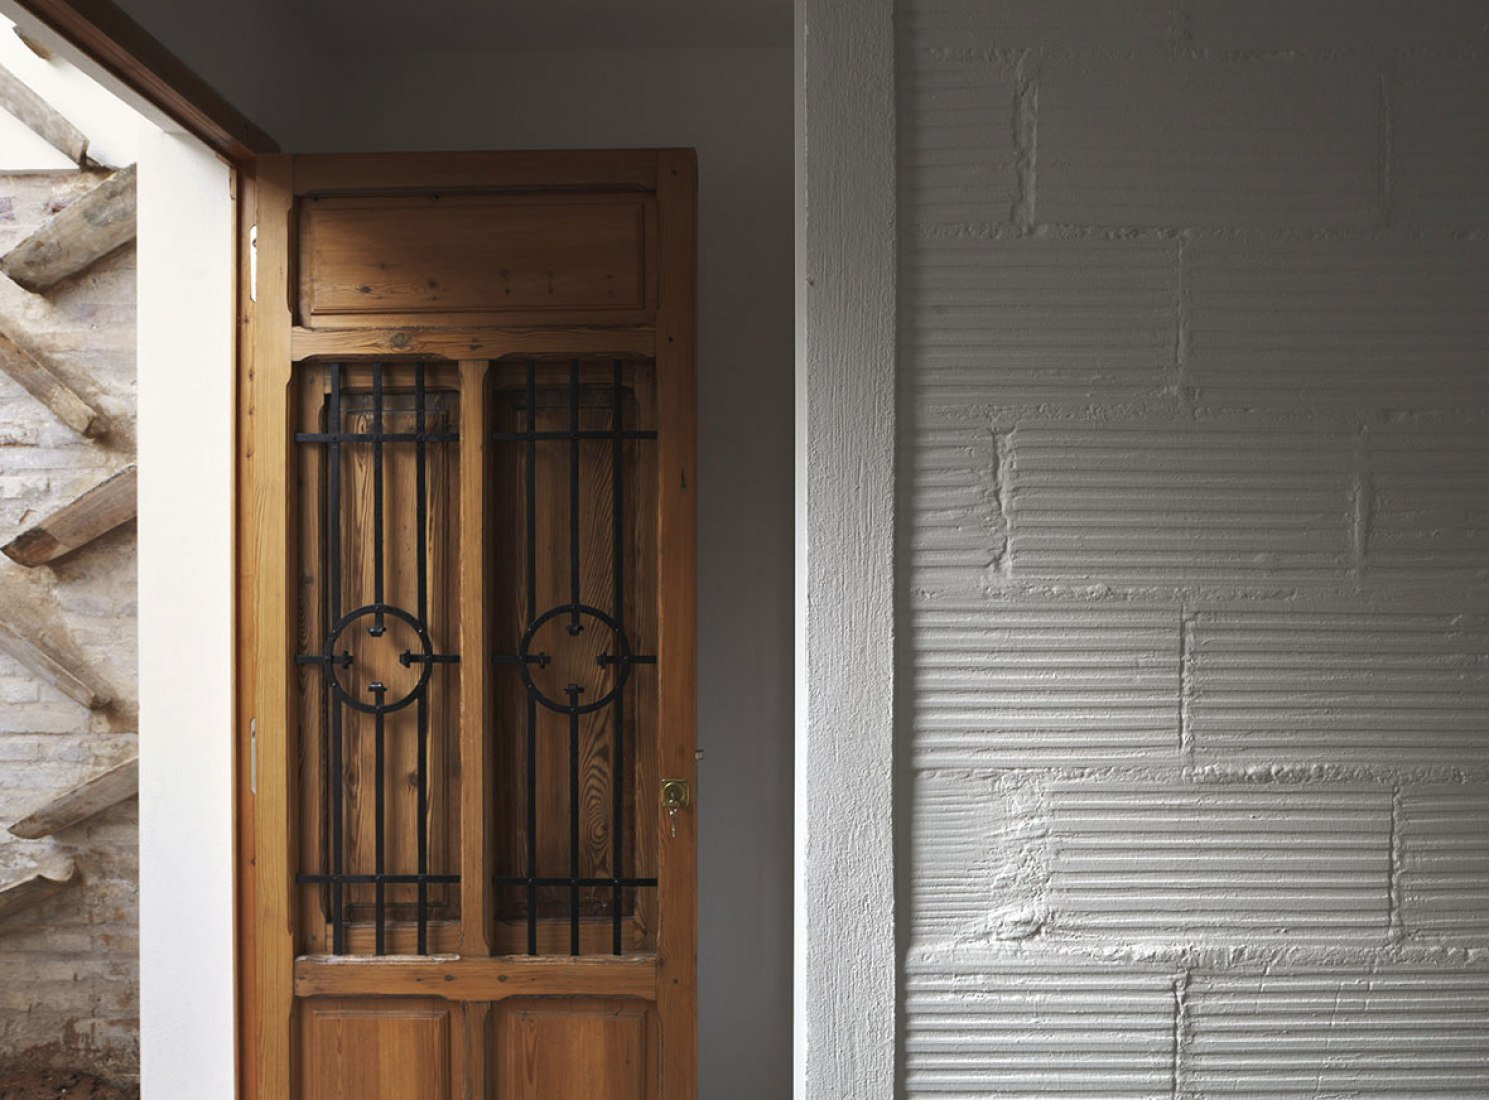 Interior view. House in El Cabanyal by David Estal Herrero. Photography © Mariela Apollonio.